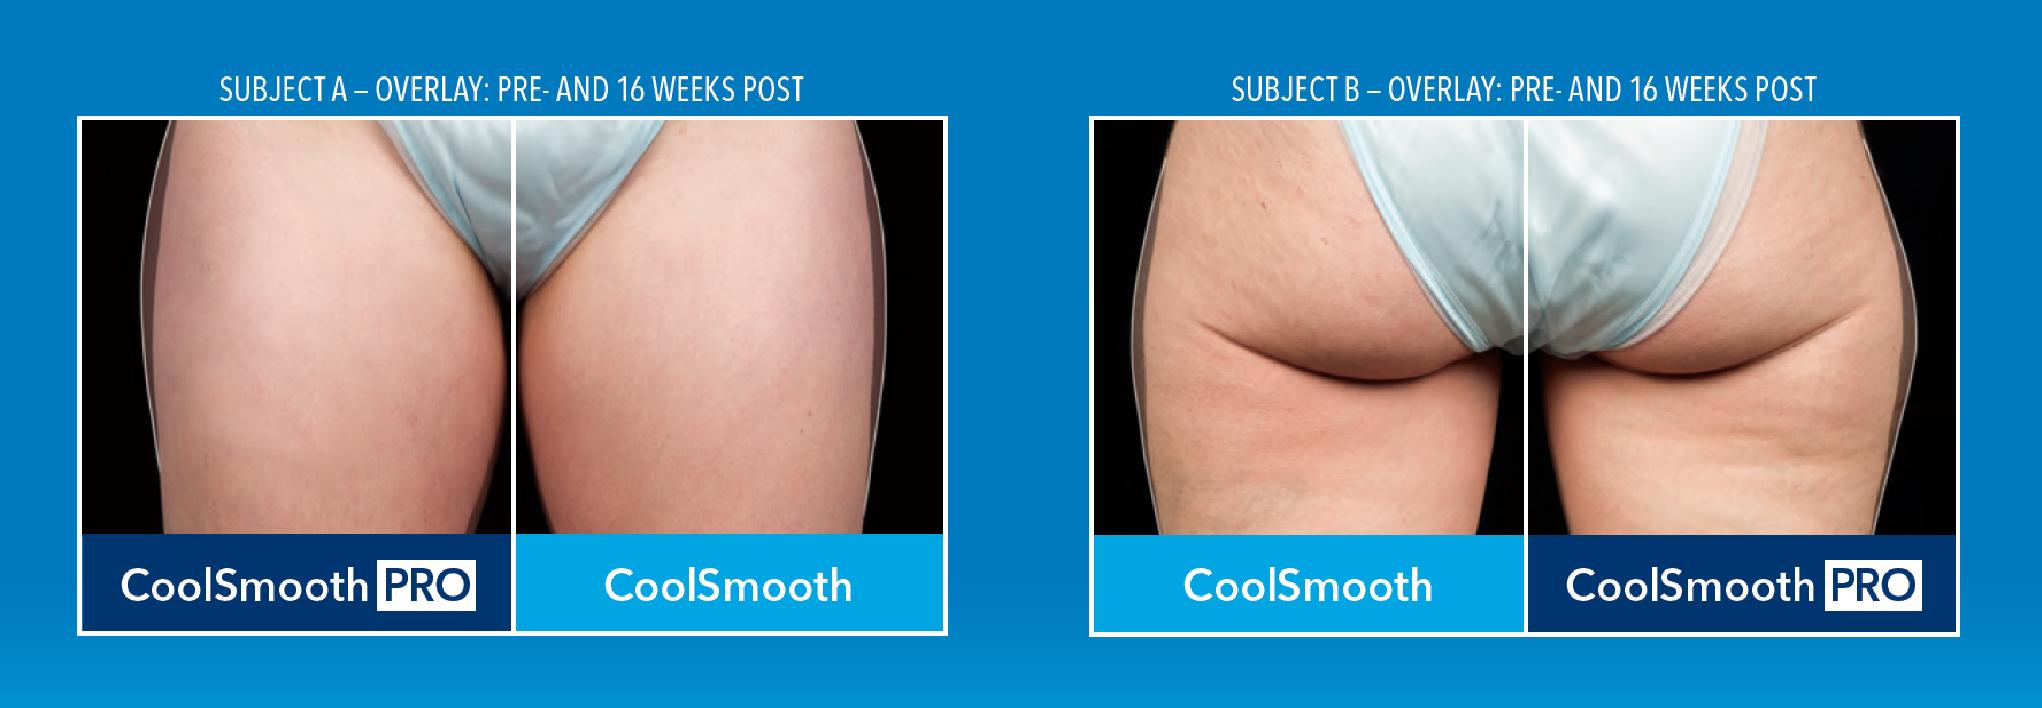 兩位案例均是利用CoolSmooth™及CoolSmooth Pro™治療大腿外側,經過16周後的變化可以明顯看出,經由CoolSmooth Pro™治療的那一側縮減幅度較大,效果較好。